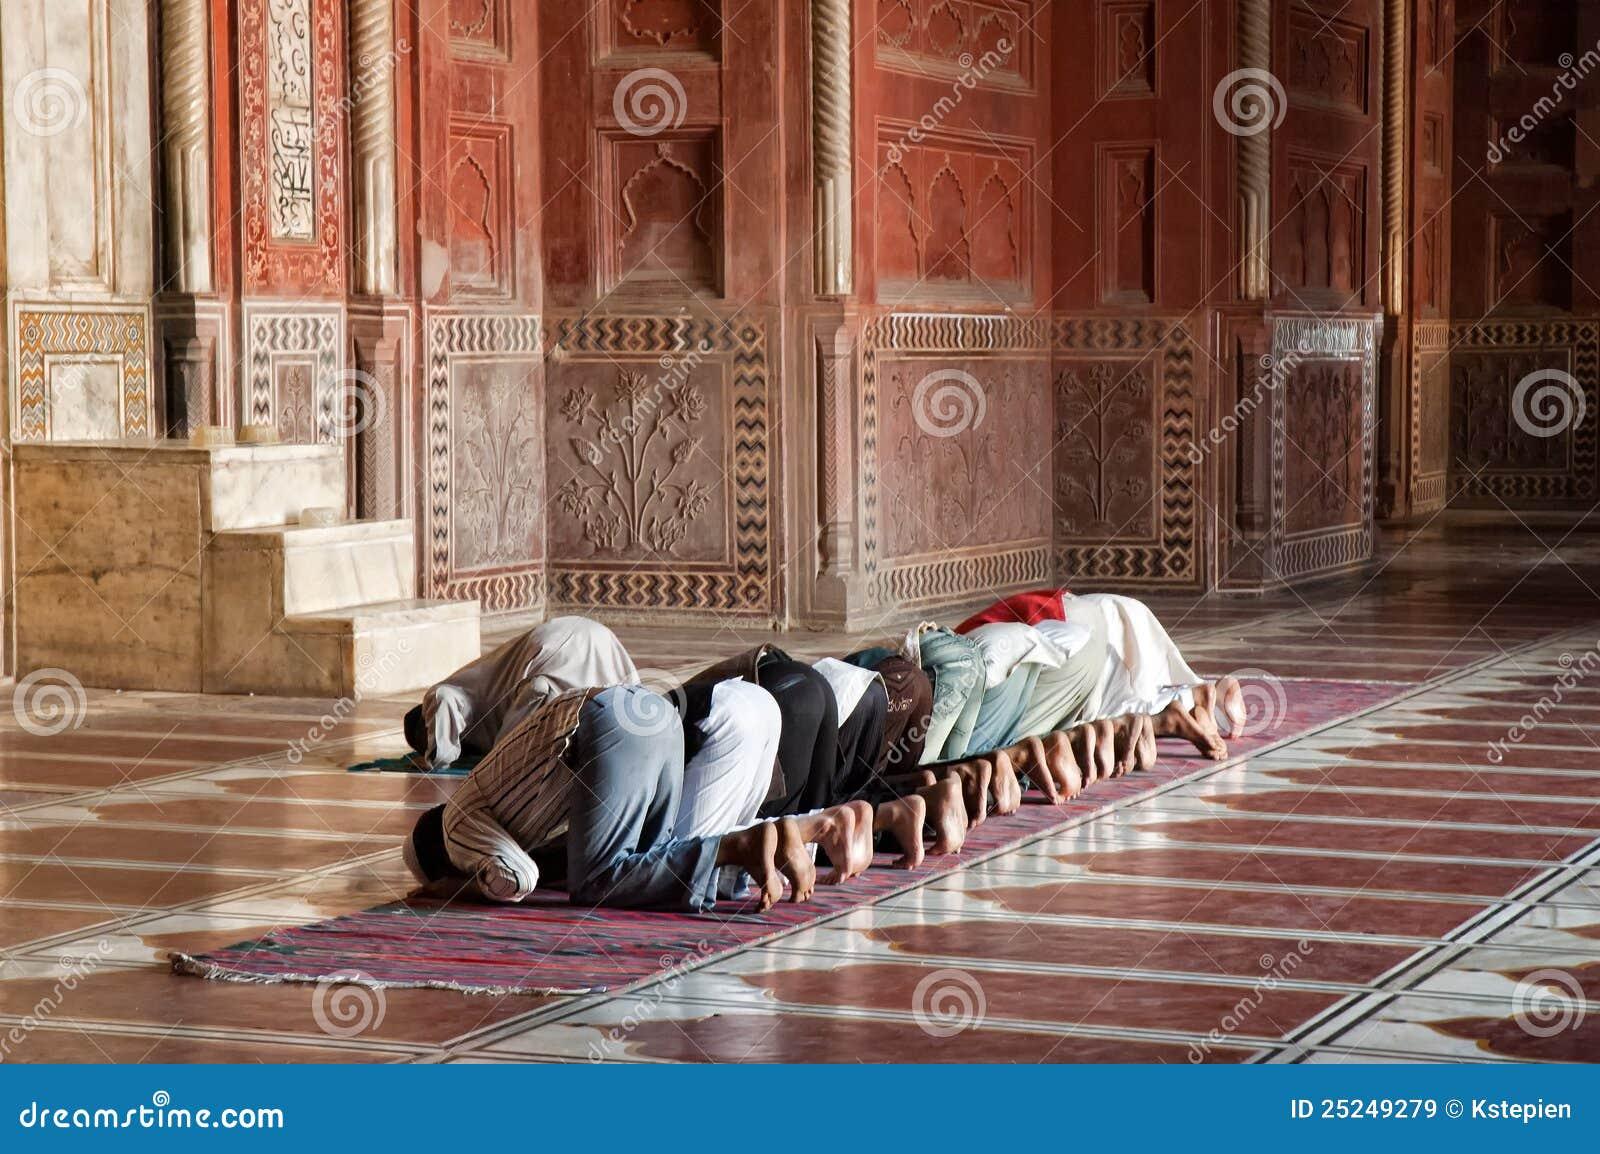 Muslim prayers in the Jama Masjit in Delhi, India